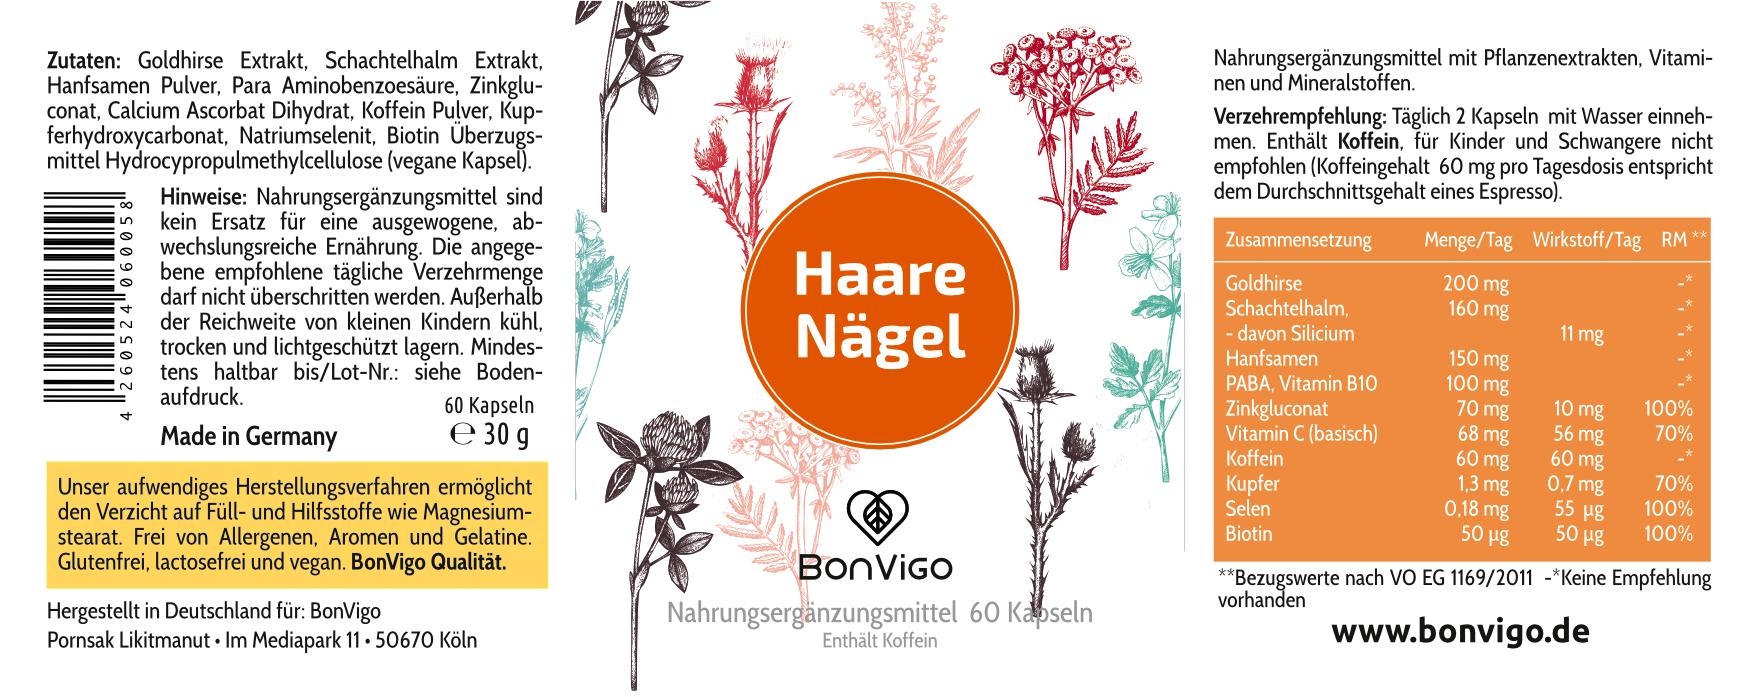 Etikett BonVigo Haare Nägel mit Goldhirse Schachtelhalm Koffein Hanfsamen und Vitaminen